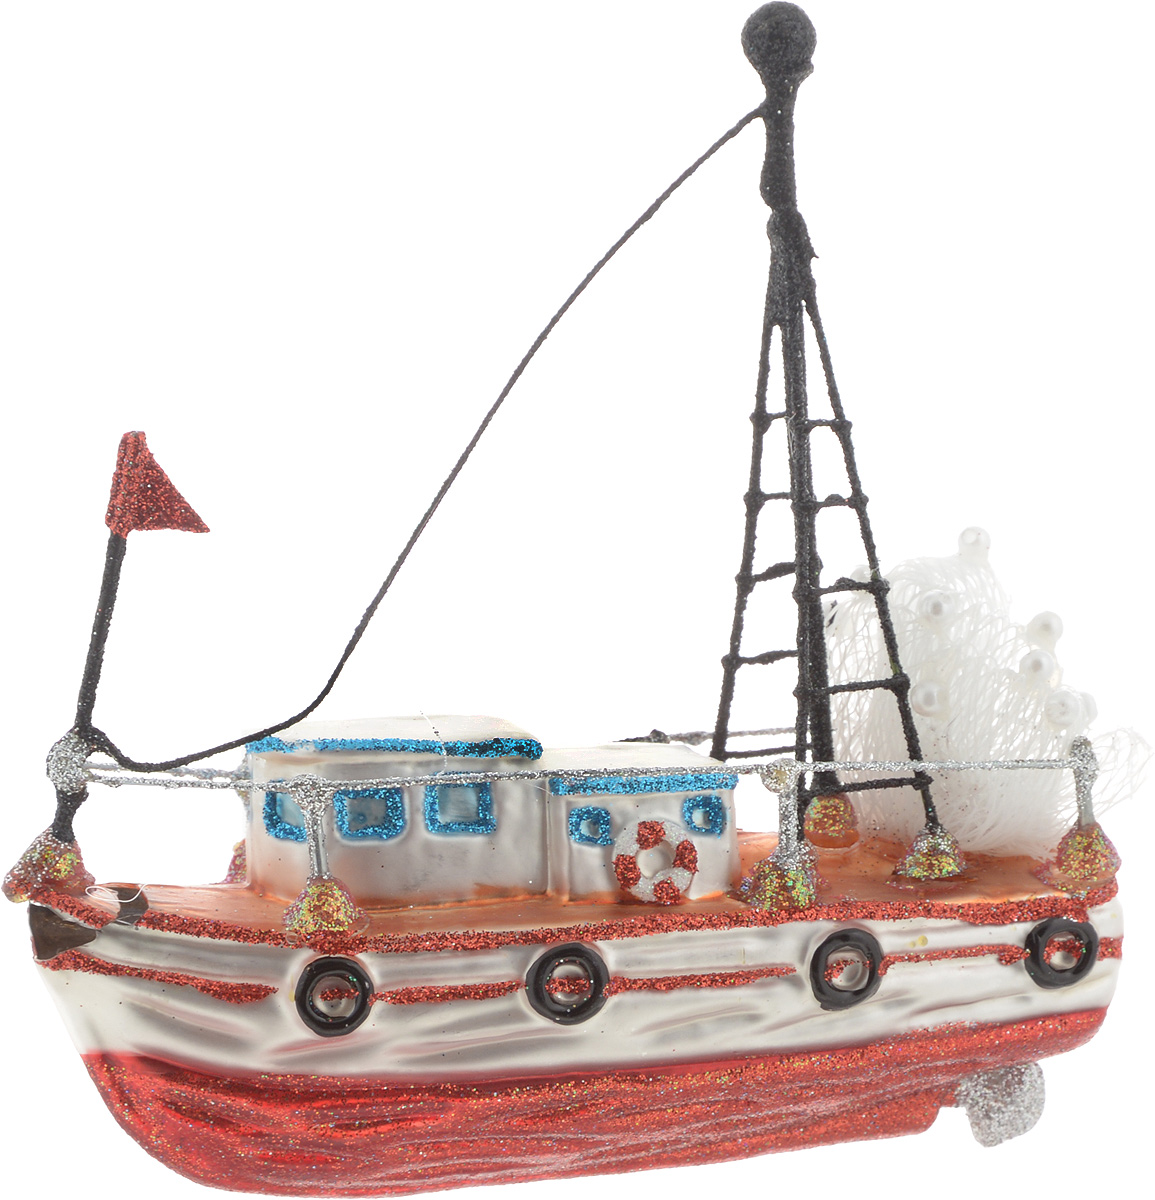 Украшение новогоднее подвесное Winter Wings Кораблик, длина 13 смML15240RНовогоднее подвесное украшение Winter Wings Кораблик выполнено из стекла в виде корабля и украшено блестками. Изделие можно повесить в любом понравившемся вам месте. Но, конечно, удачнее всего оно будет смотреться на праздничной елке.Елочная игрушка - символ Нового года. Она несет в себе волшебство и красоту праздника. Создайте в своем доме атмосферу веселья и радости, украшая новогоднюю елку нарядными игрушками, которые будут из года в год накапливать теплоту воспоминаний.